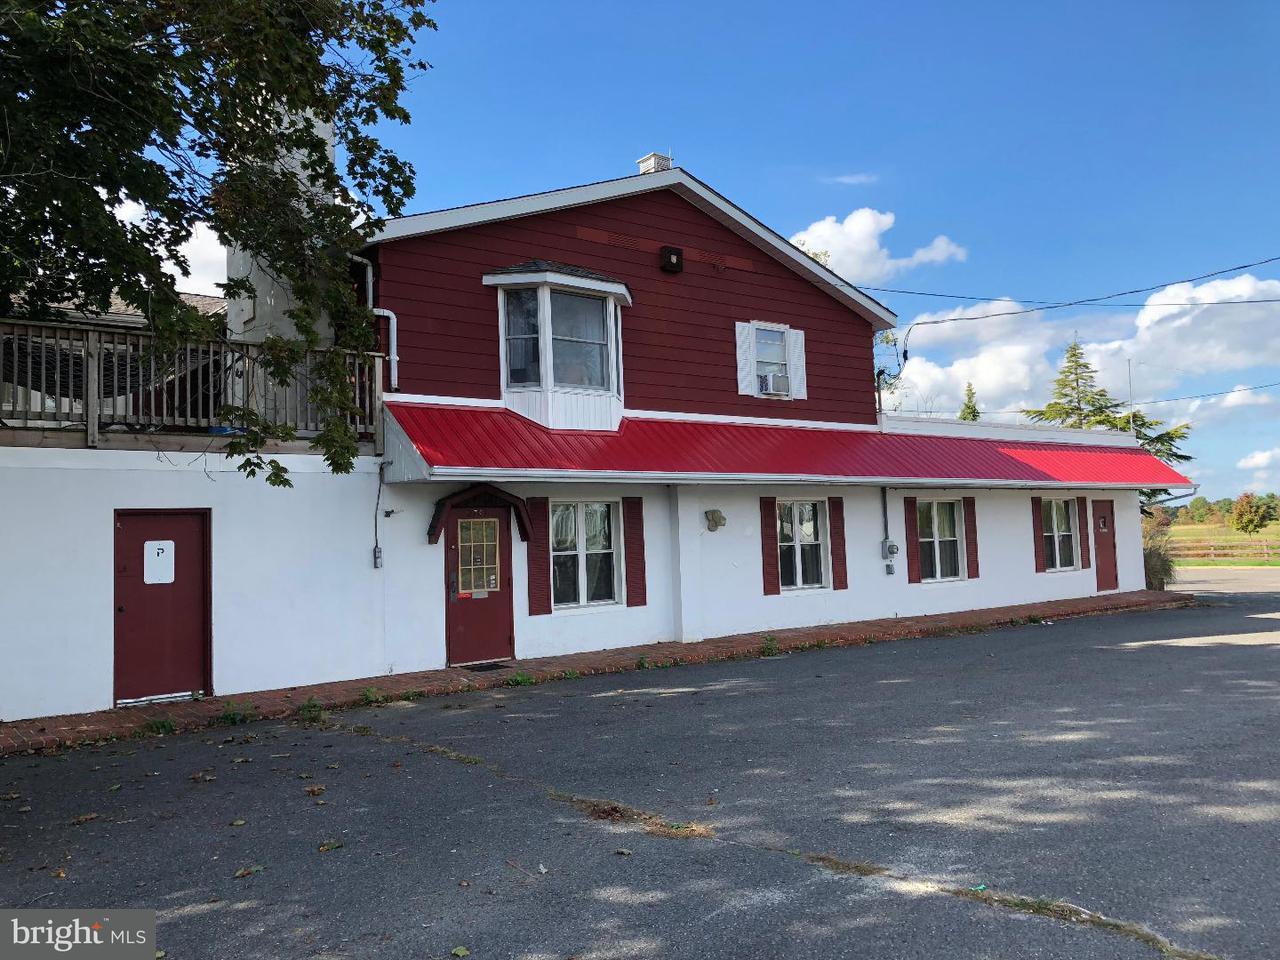 独户住宅 为 销售 在 2741 ROUTE 206 Mount Holly, 新泽西州 08060 美国